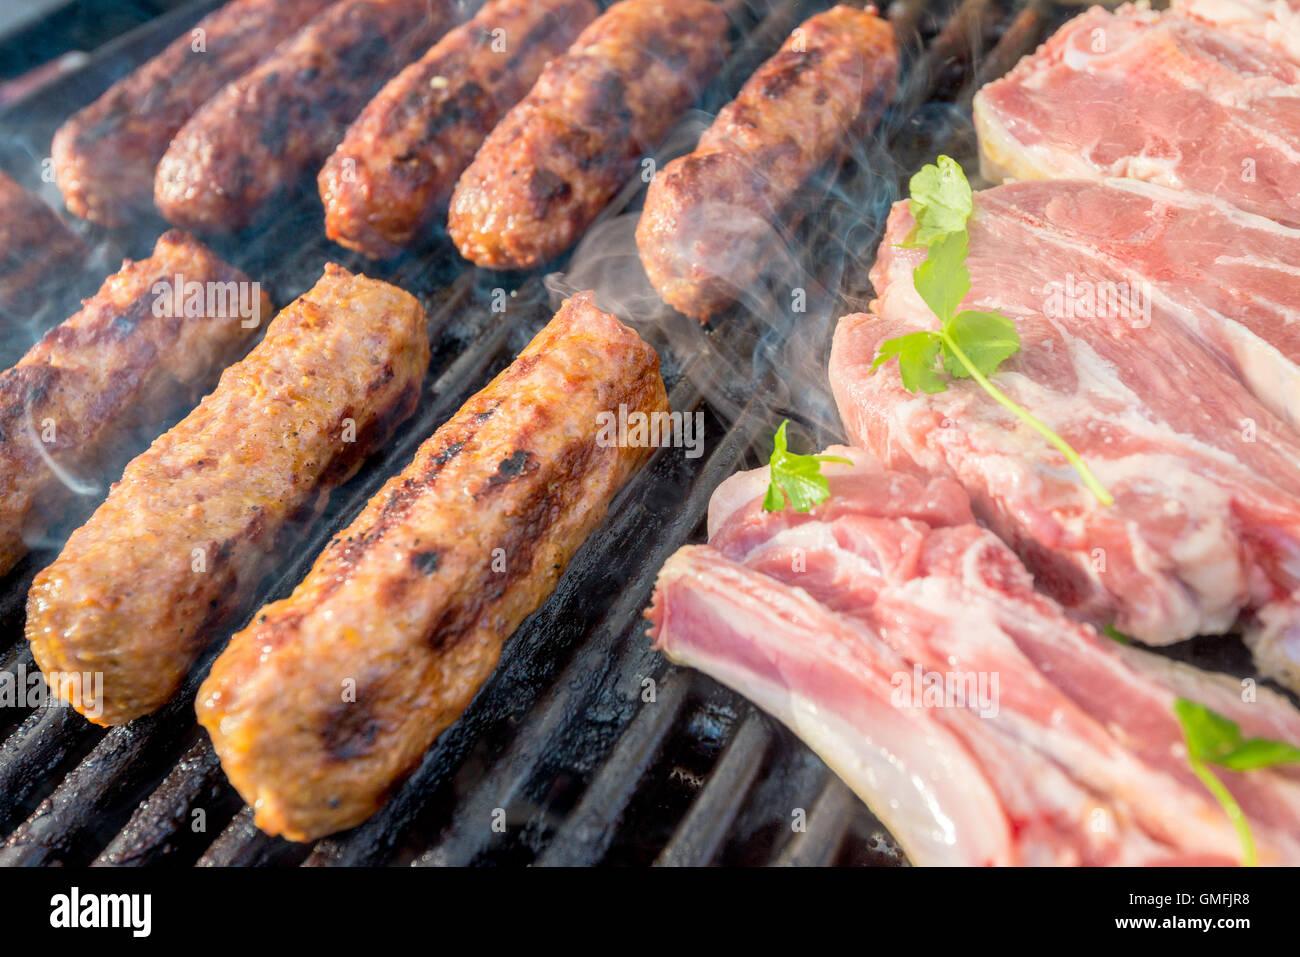 Köstliche Australian gemacht Chevapchichi Wurst Rollen und Einsätze auf Grill gegart Stockbild